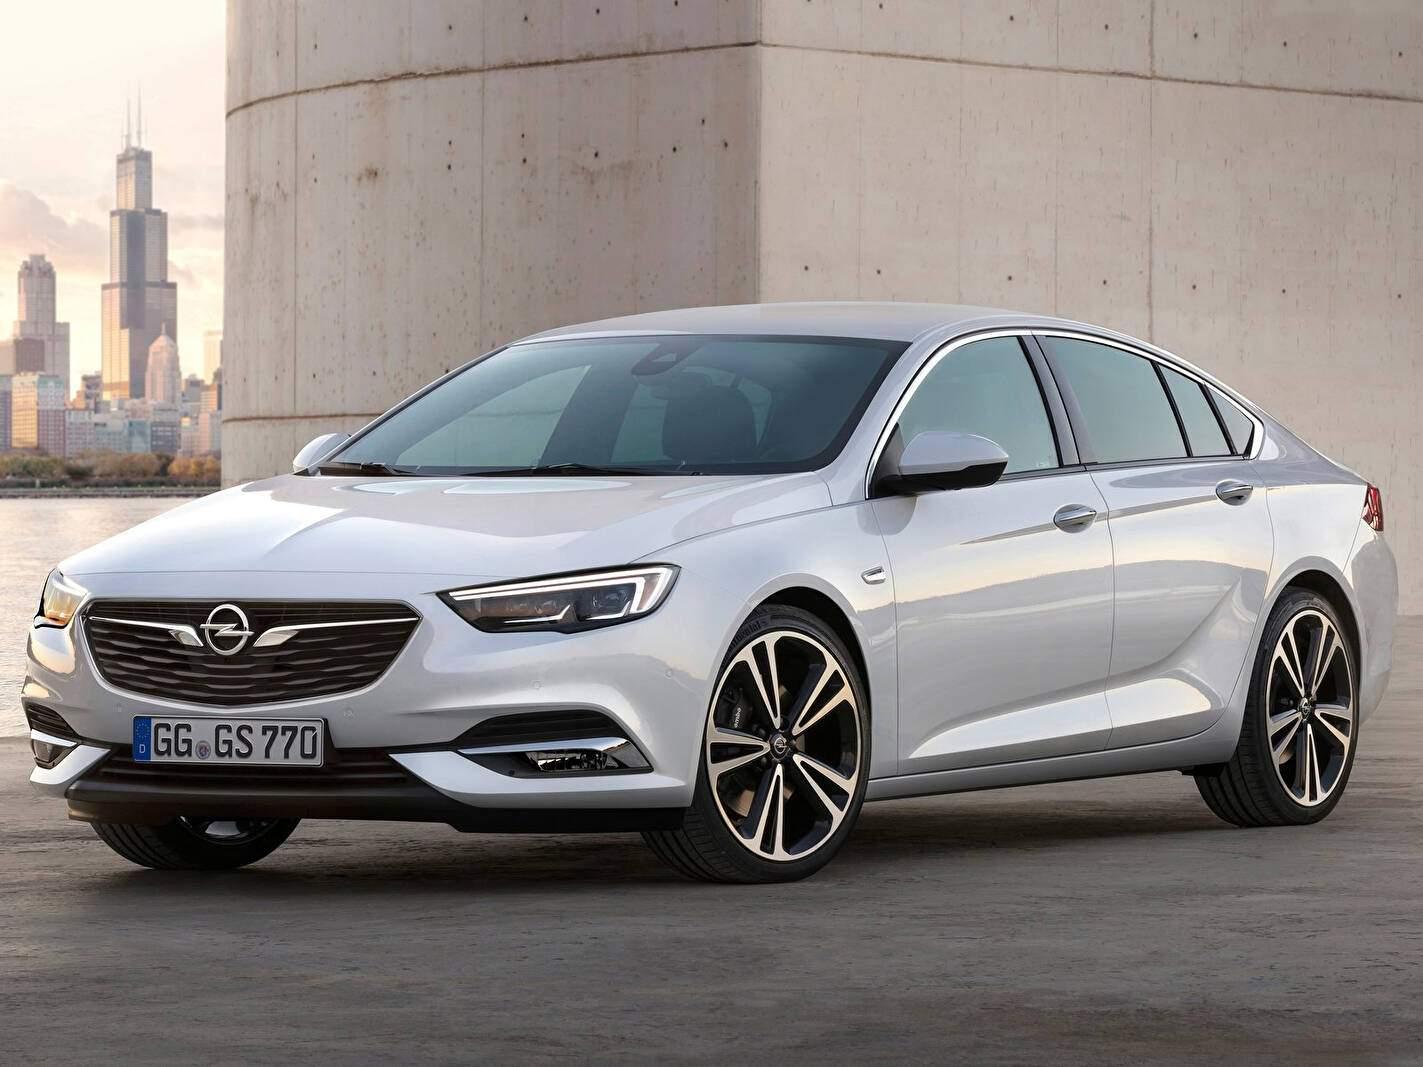 Opel Insignia II Grand Sport 1.5 Turbo 165 (B) (2017),  ajouté par fox58